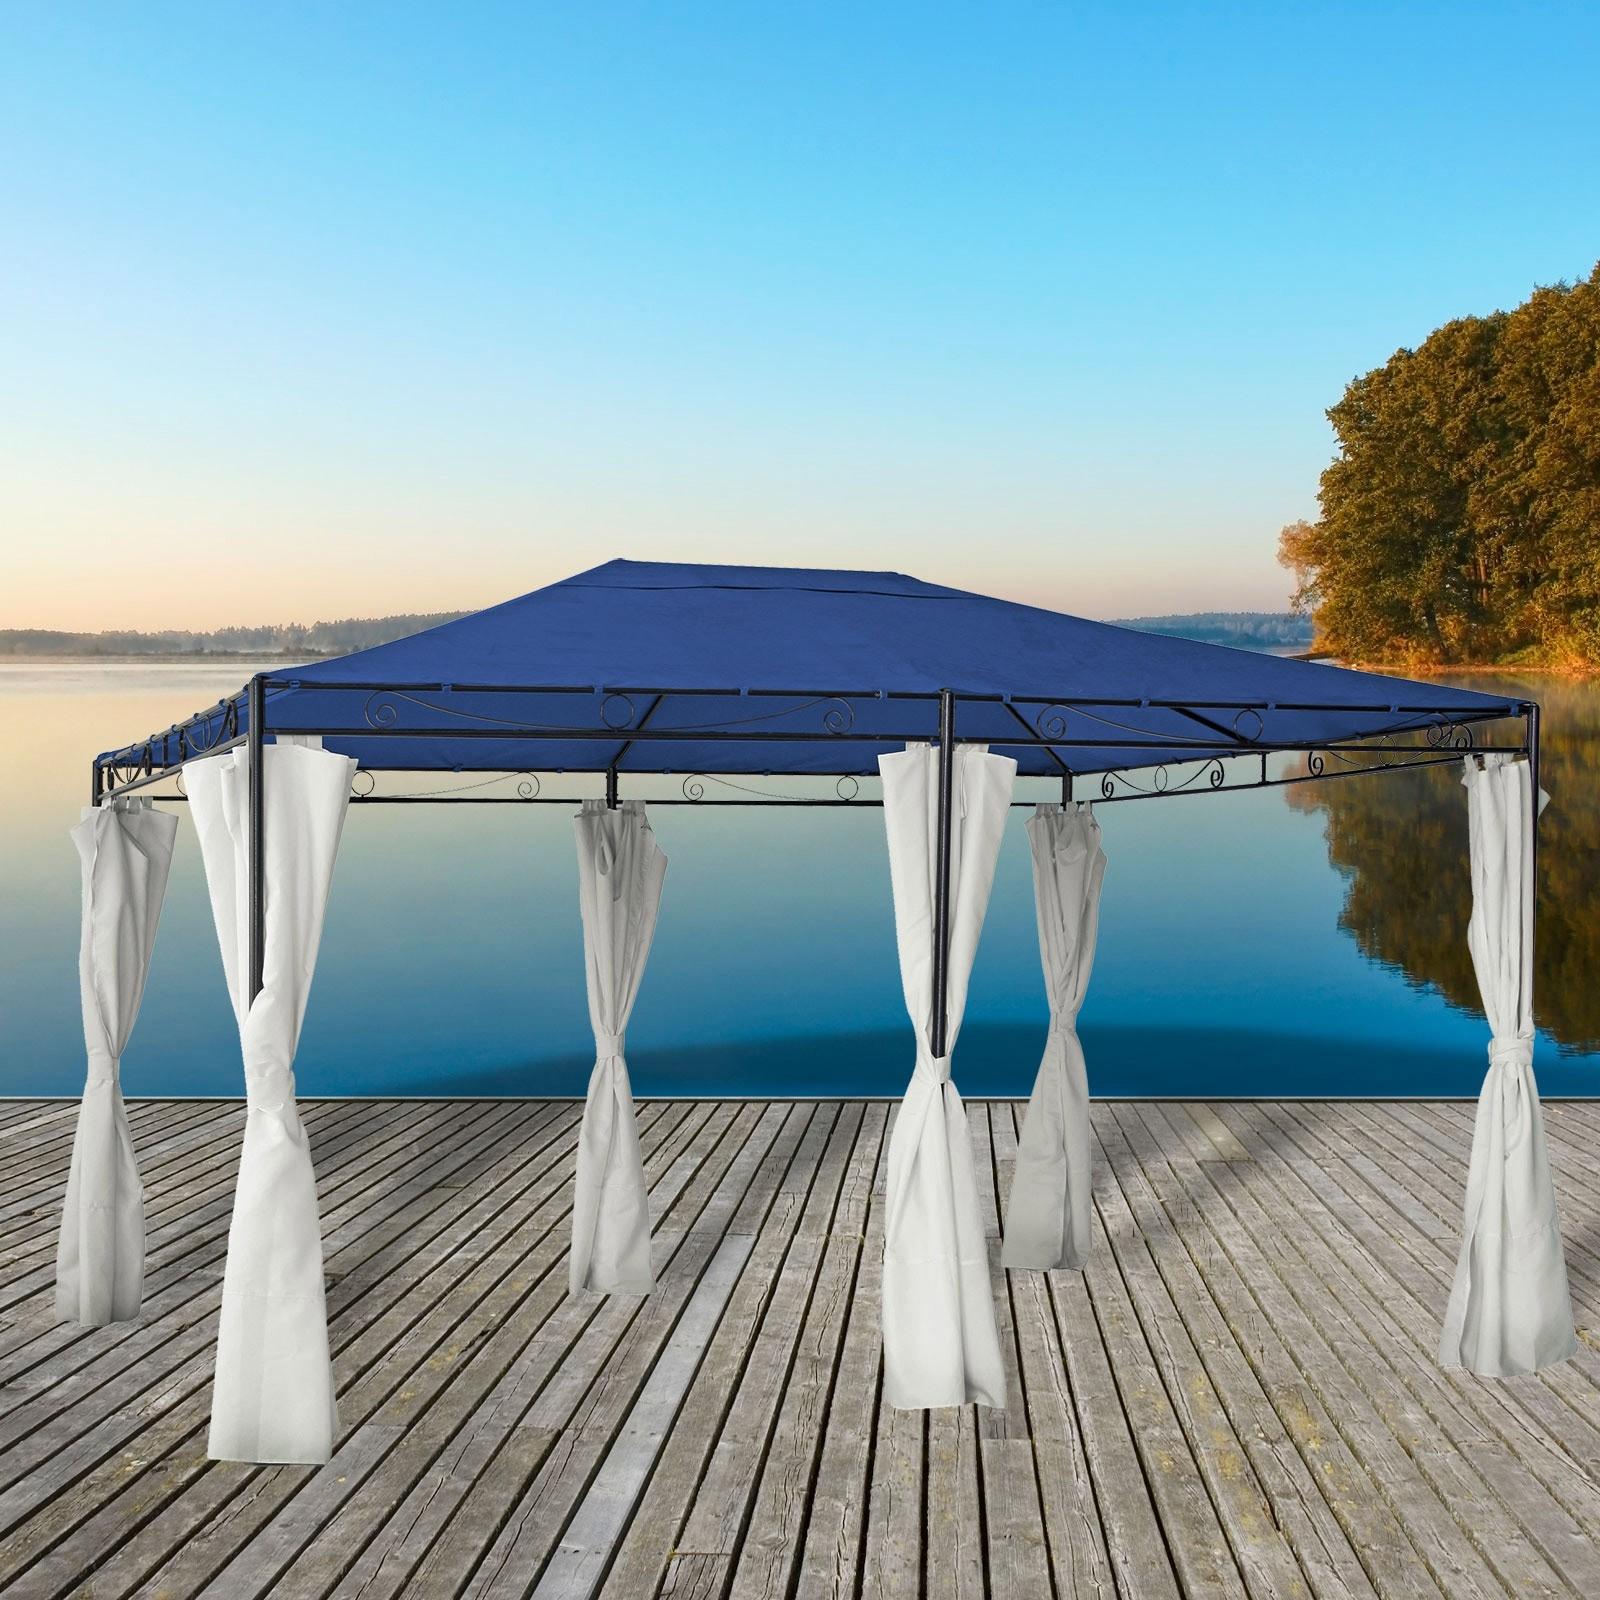 Dema Pavillon Gartenpavillon Monaco 3x4m Gartenzelt Metallpavillon Garten Partyzelt 14250